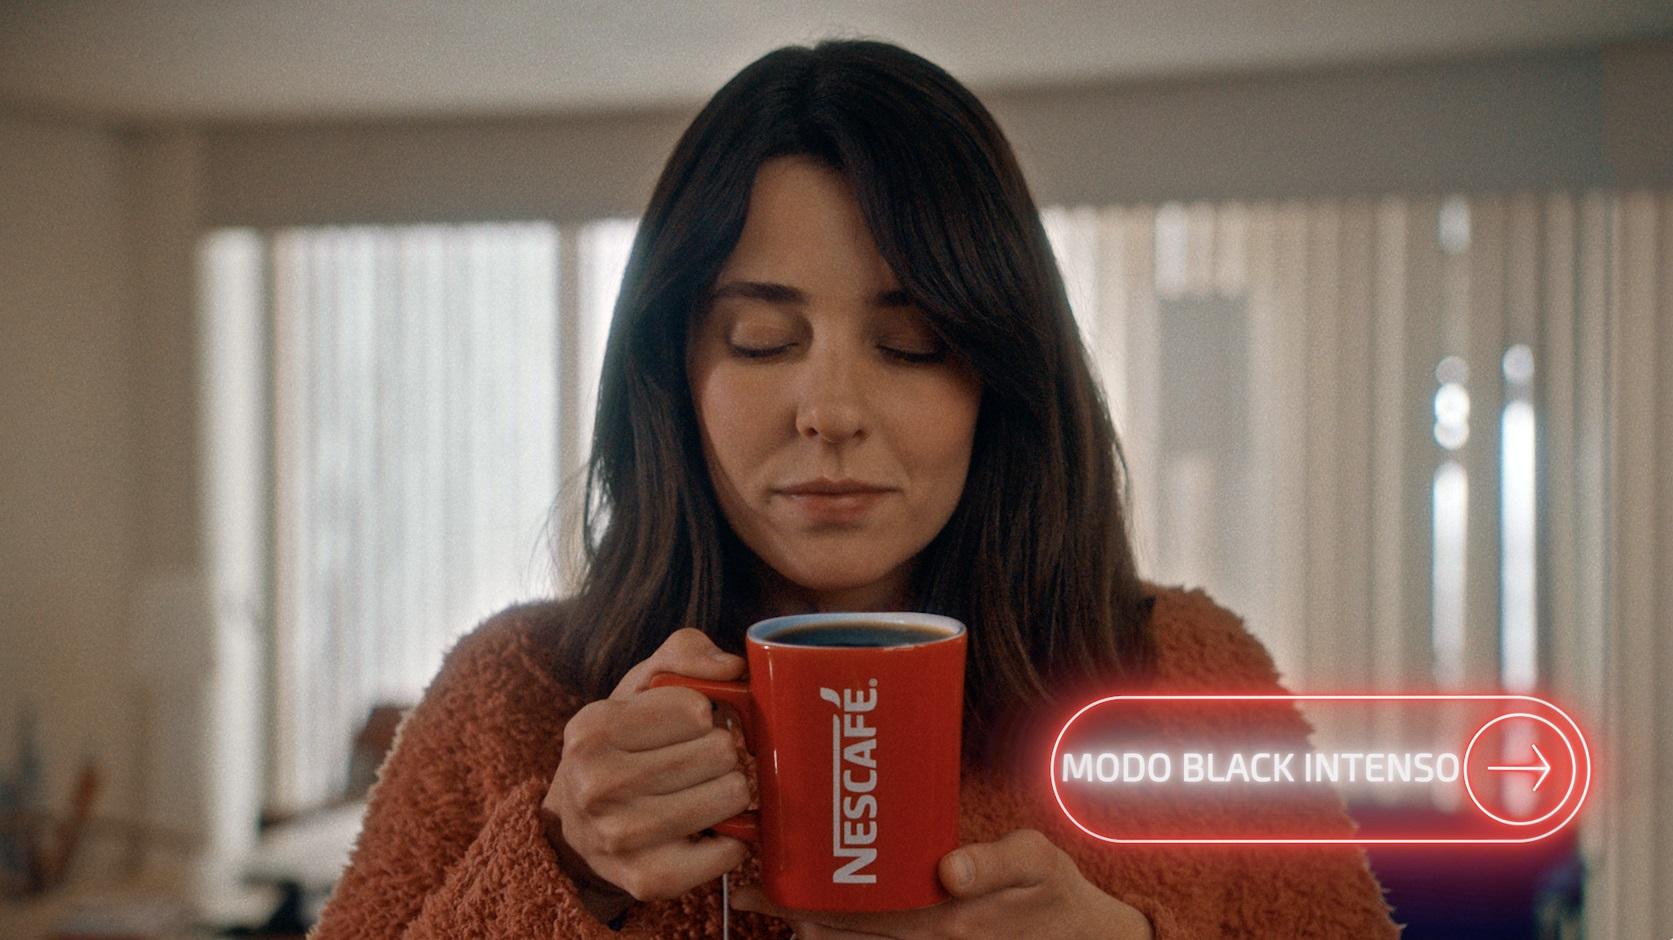 Toma café con la intensidad que necesitas